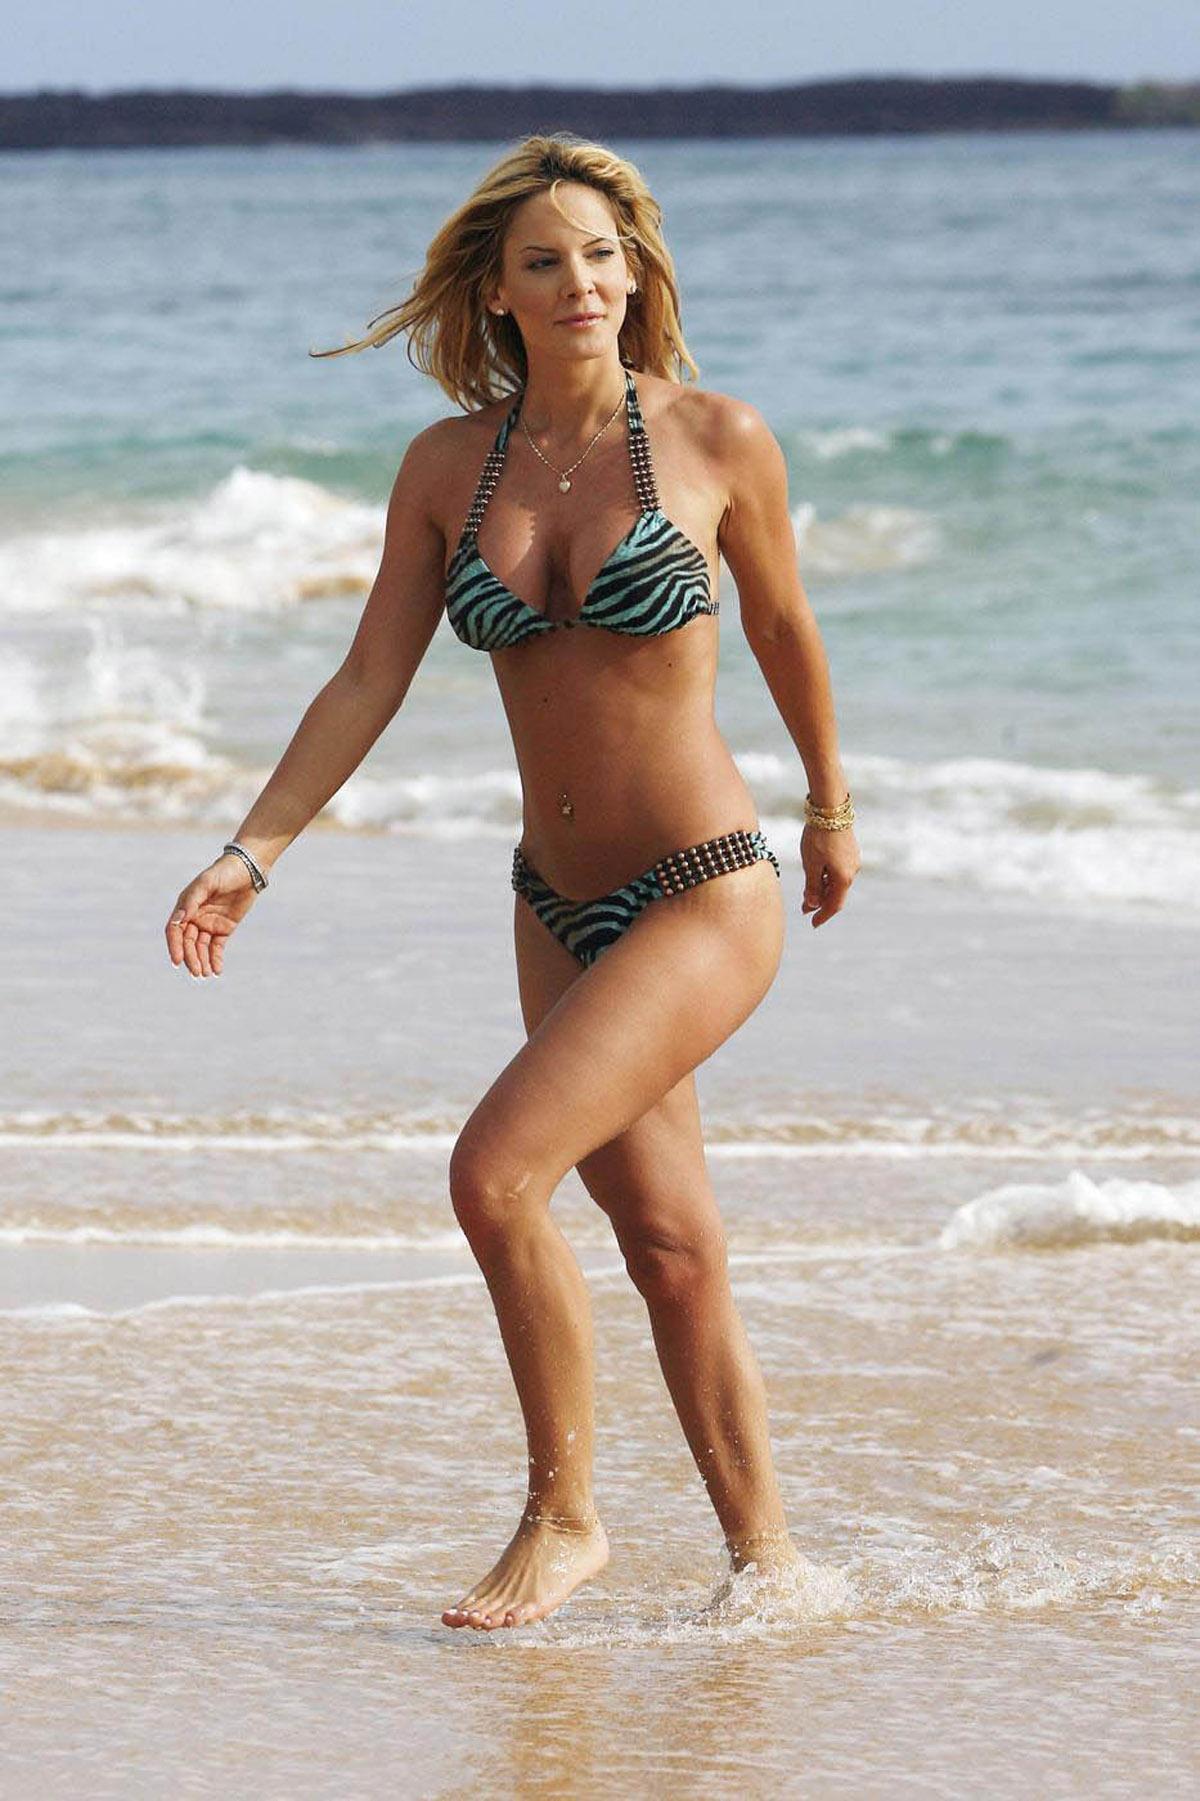 You are viewing a picture of Simona Fusco: Simona Fusco Pictures 18.